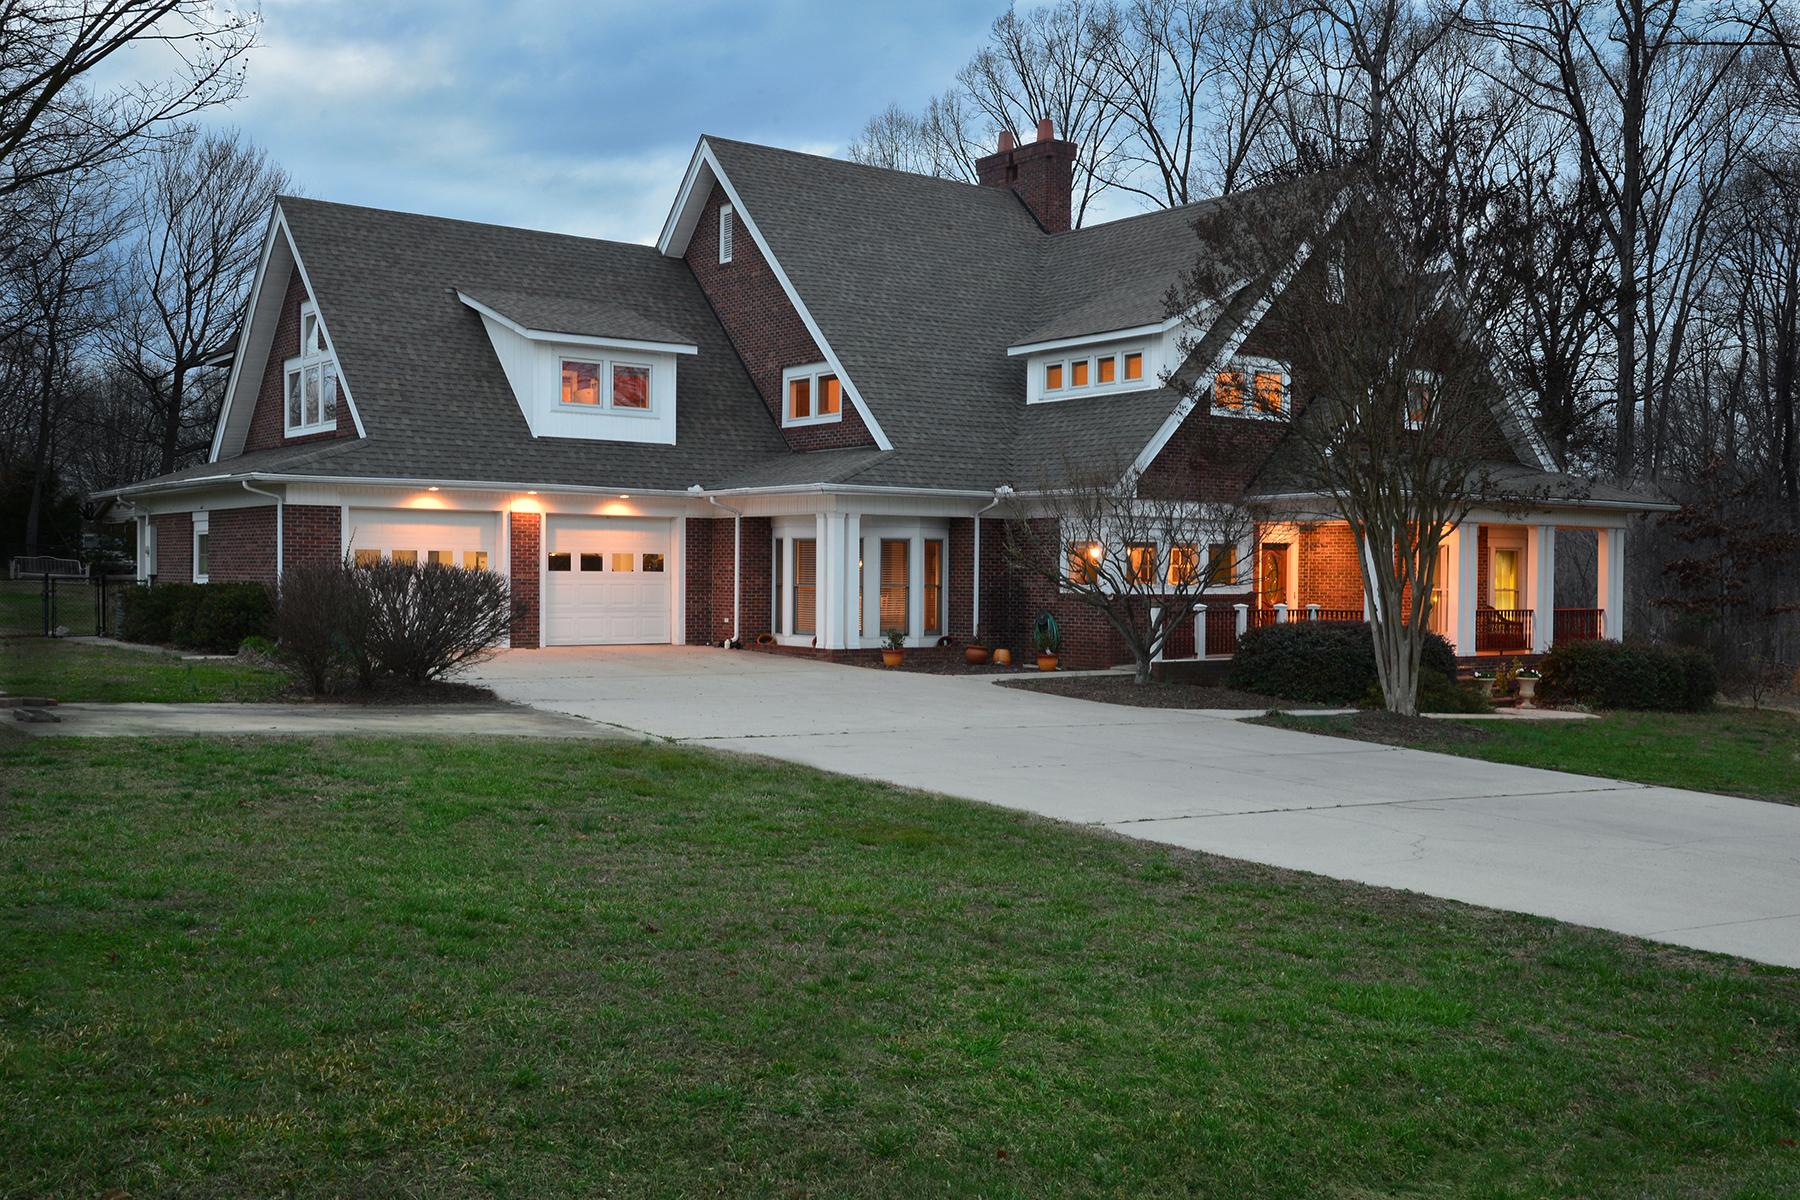 Einfamilienhaus für Verkauf beim ASHLEY HEIGHTS 1900 Arbor Way Albemarle, North Carolina, 28001 Vereinigte Staaten